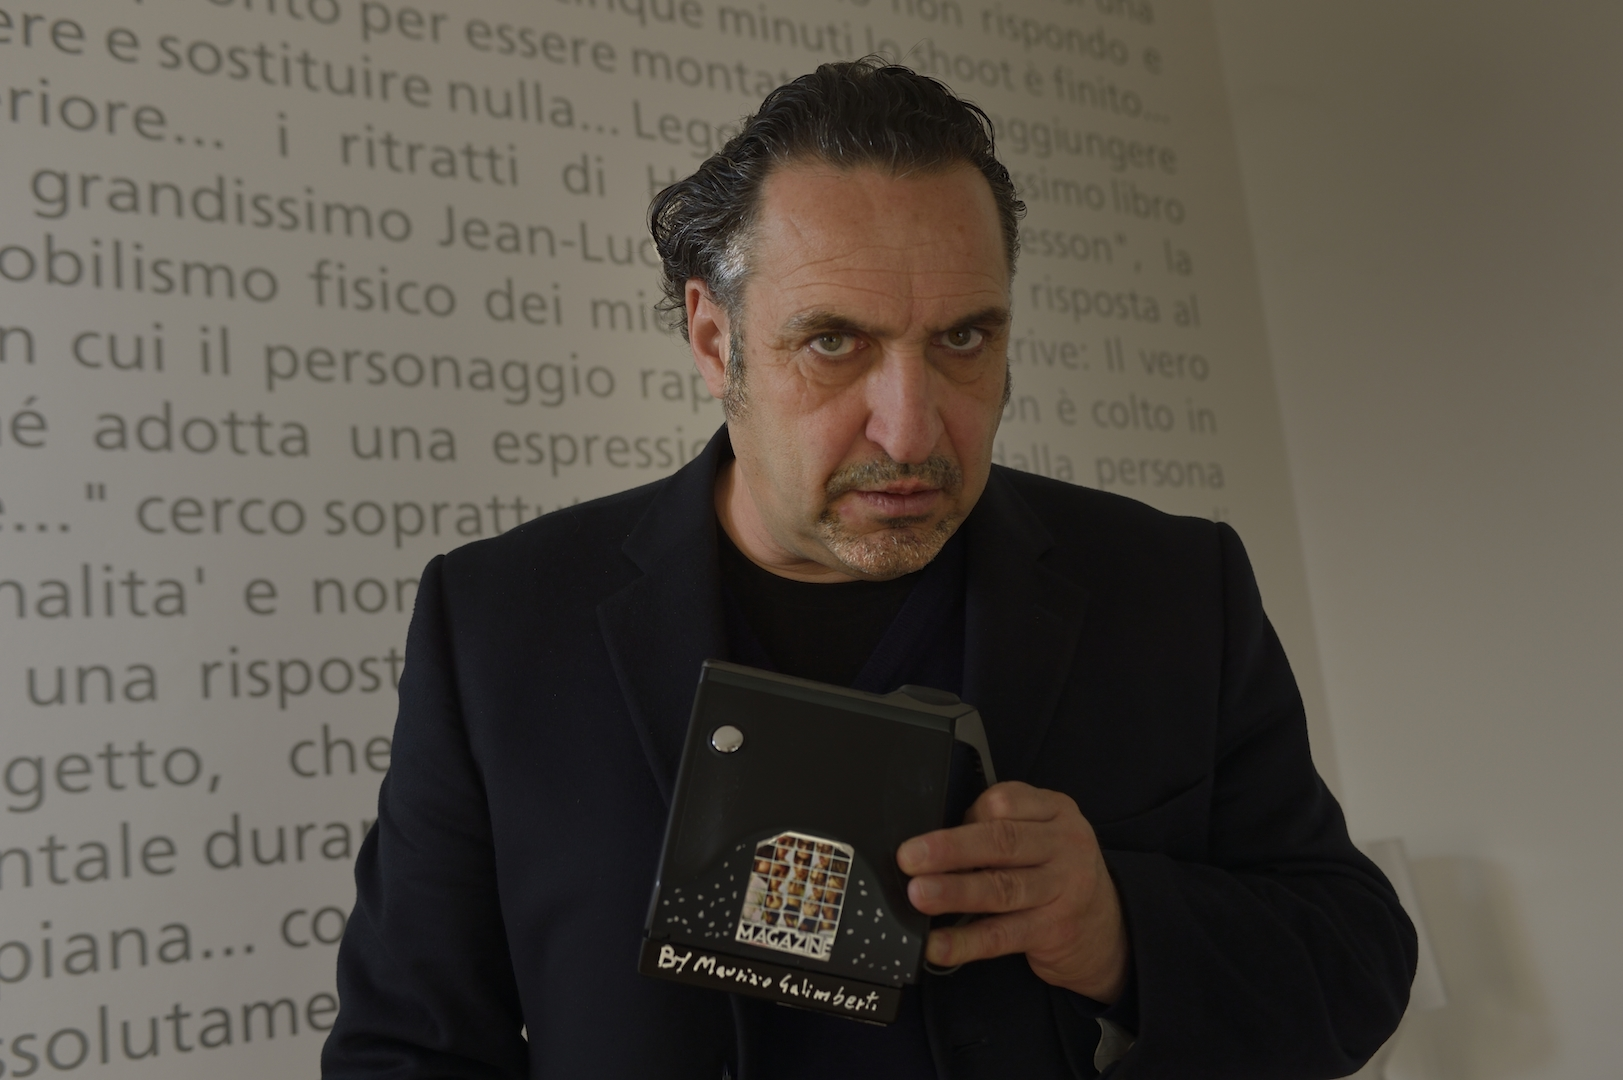 Il fotografo nella sua casa-studio a Milano e la Polaroid con la quale realizza dei mosaici fotofraci. Celebre quello che ha realizzato a Johnny Deep. Foto Pierluigi Benini